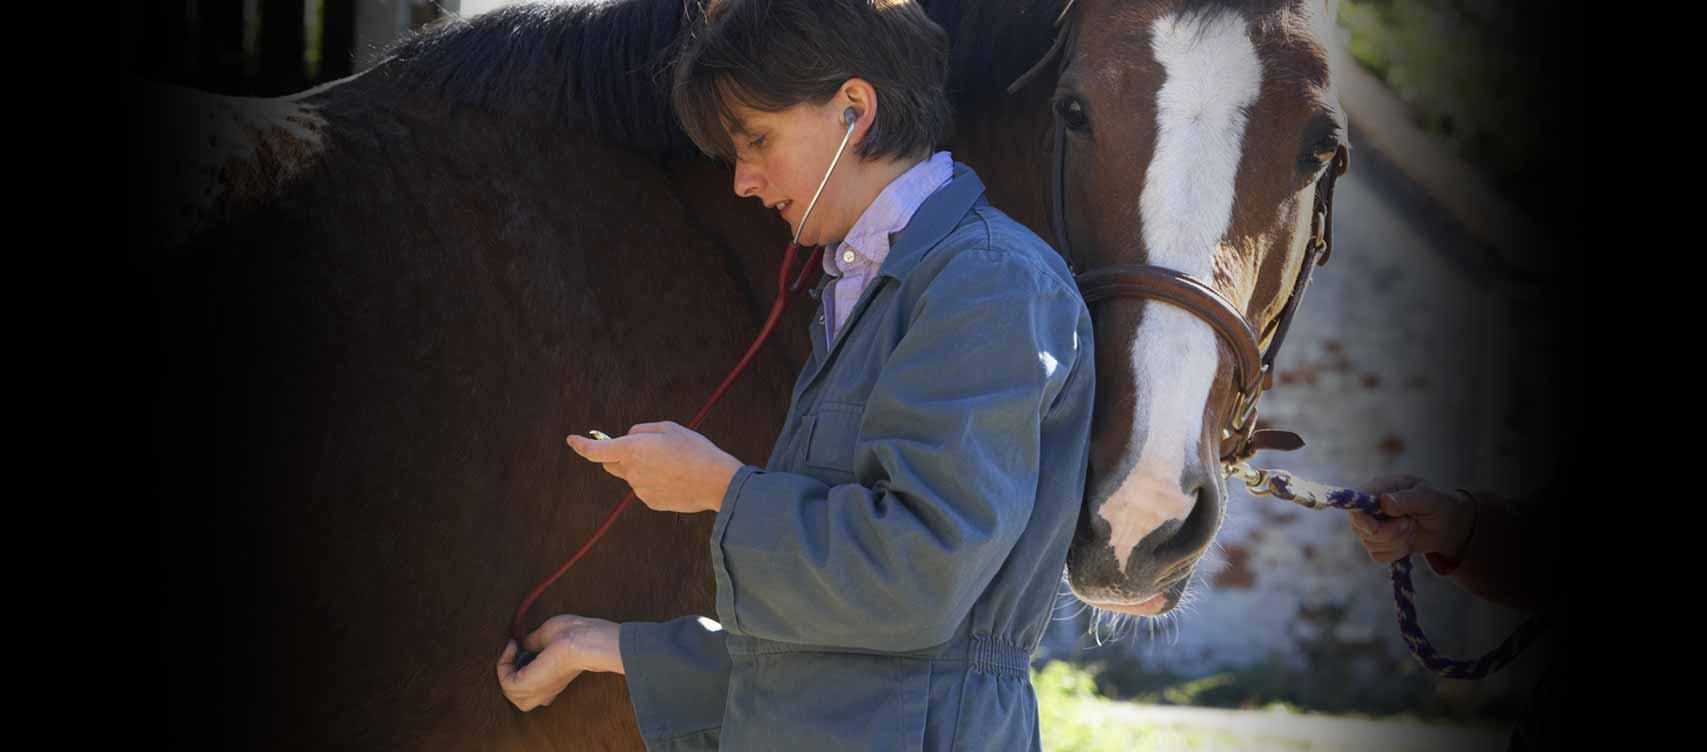 Ons doel is om extra ondersteuning te bieden voor je paard als hij het het hardst nodig heeft